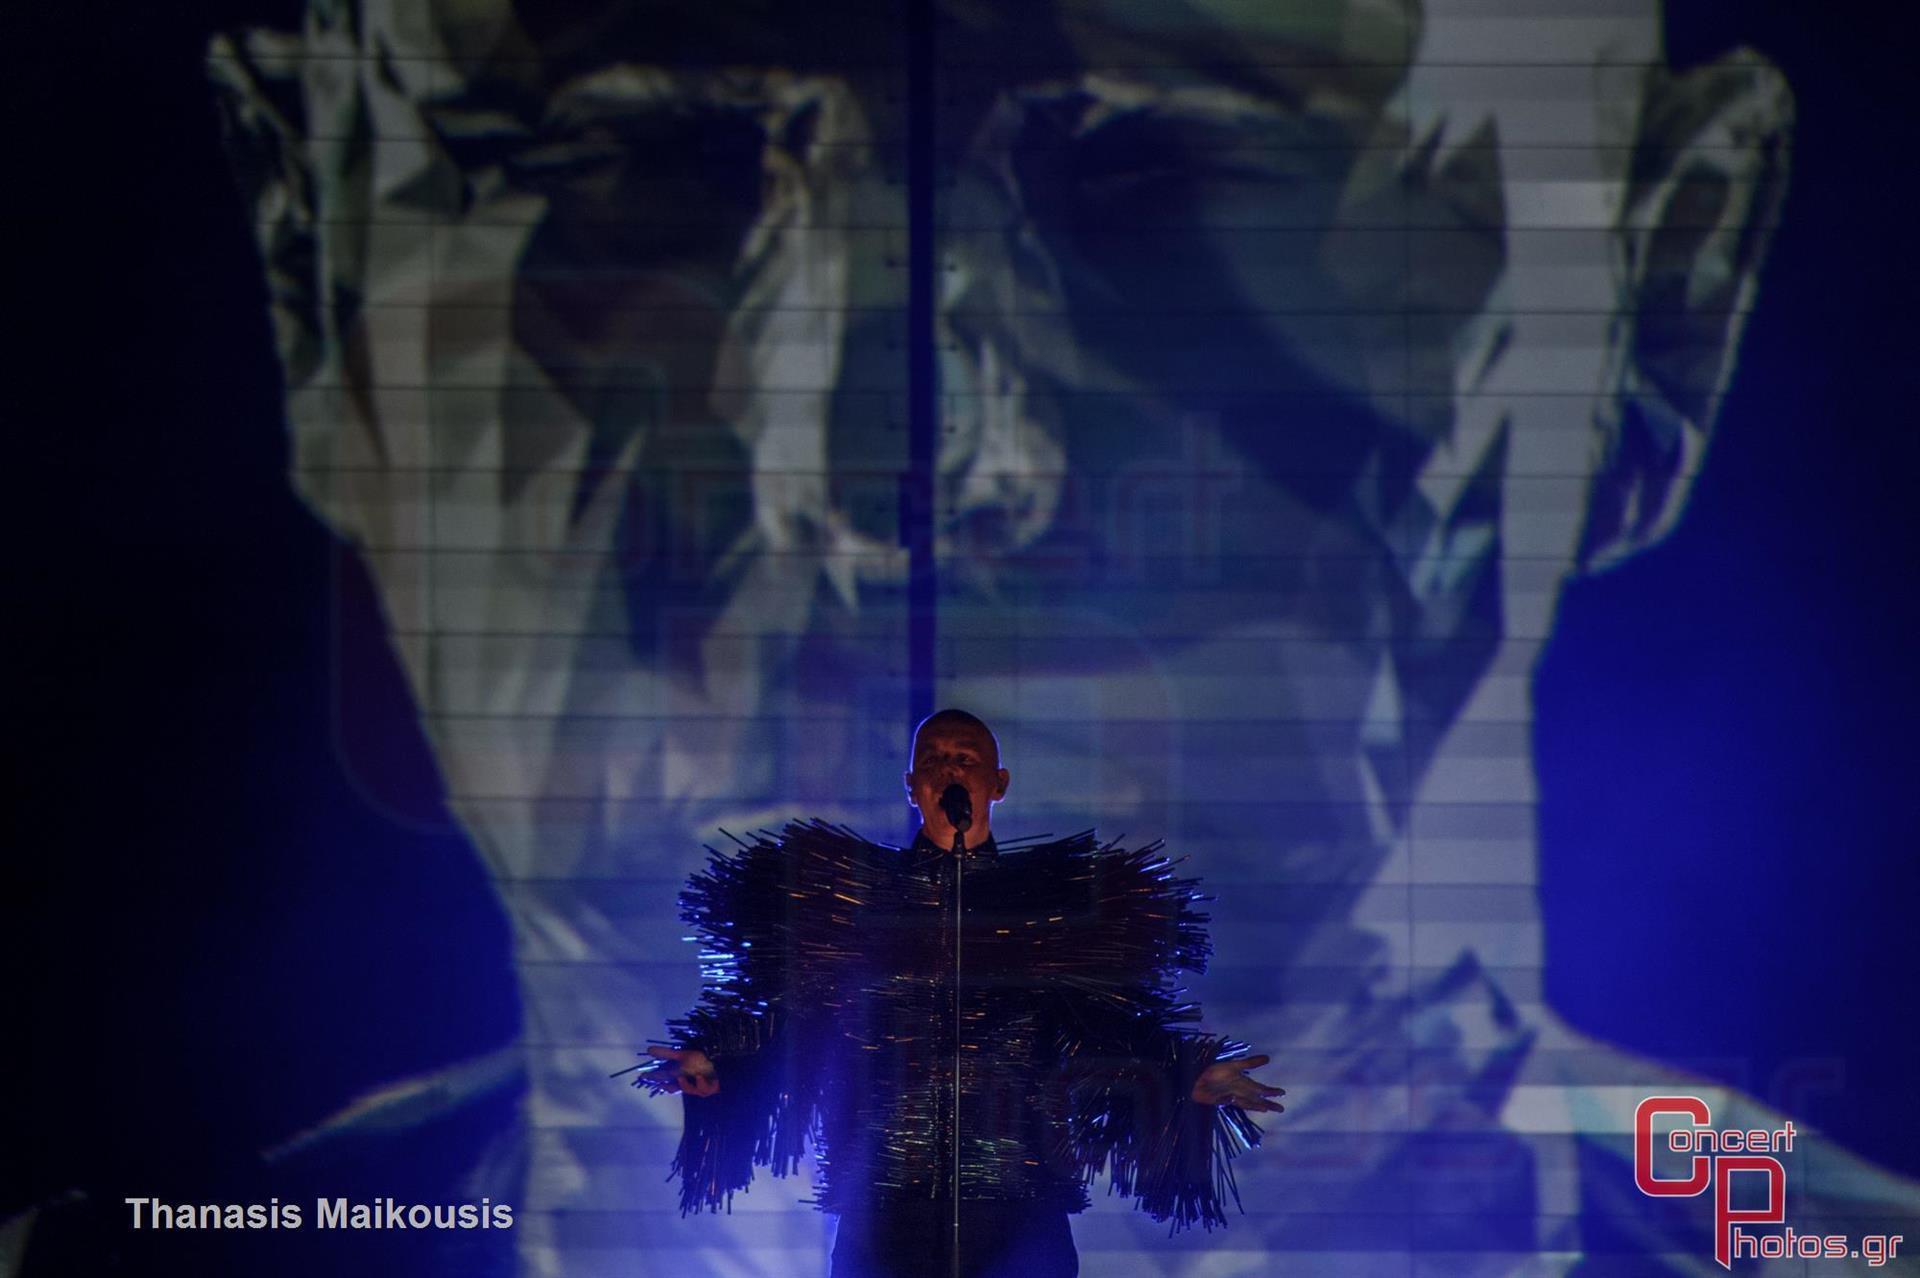 Pet Shop Boys-Pet Shop Boys photographer: Thanasis Maikousis - concertphotos_-9851